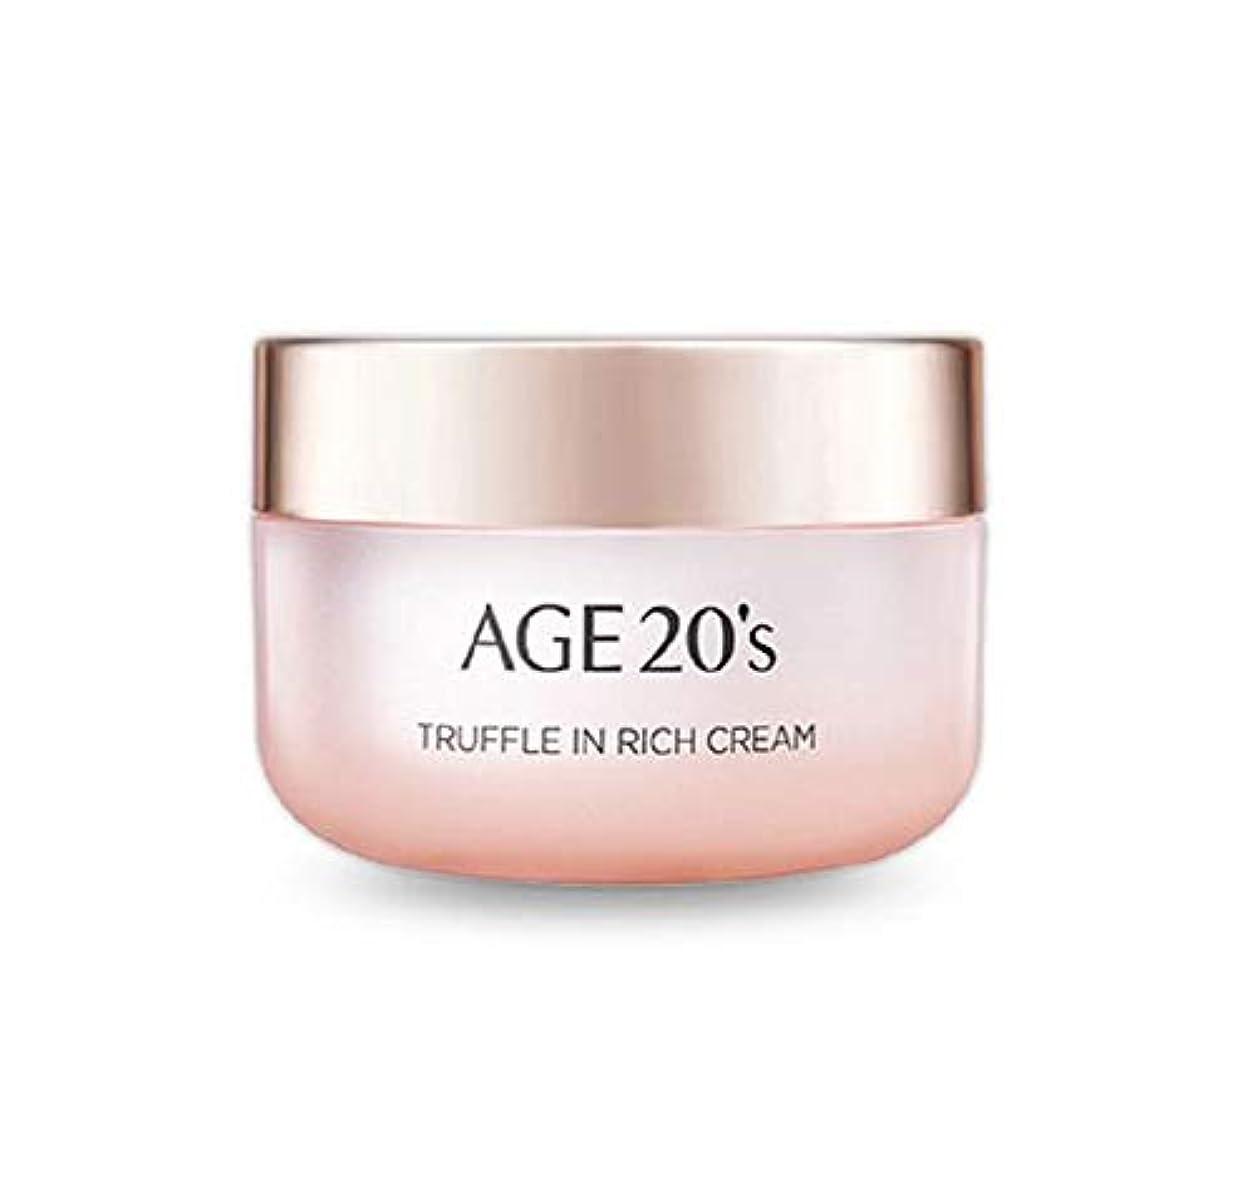 高さバケット独立したエイジトゥエンティスAge20's 韓国コスメ トリュフリッチ クリーム 50g 海外直送品 Truffle in rich Cream [並行輸入品]